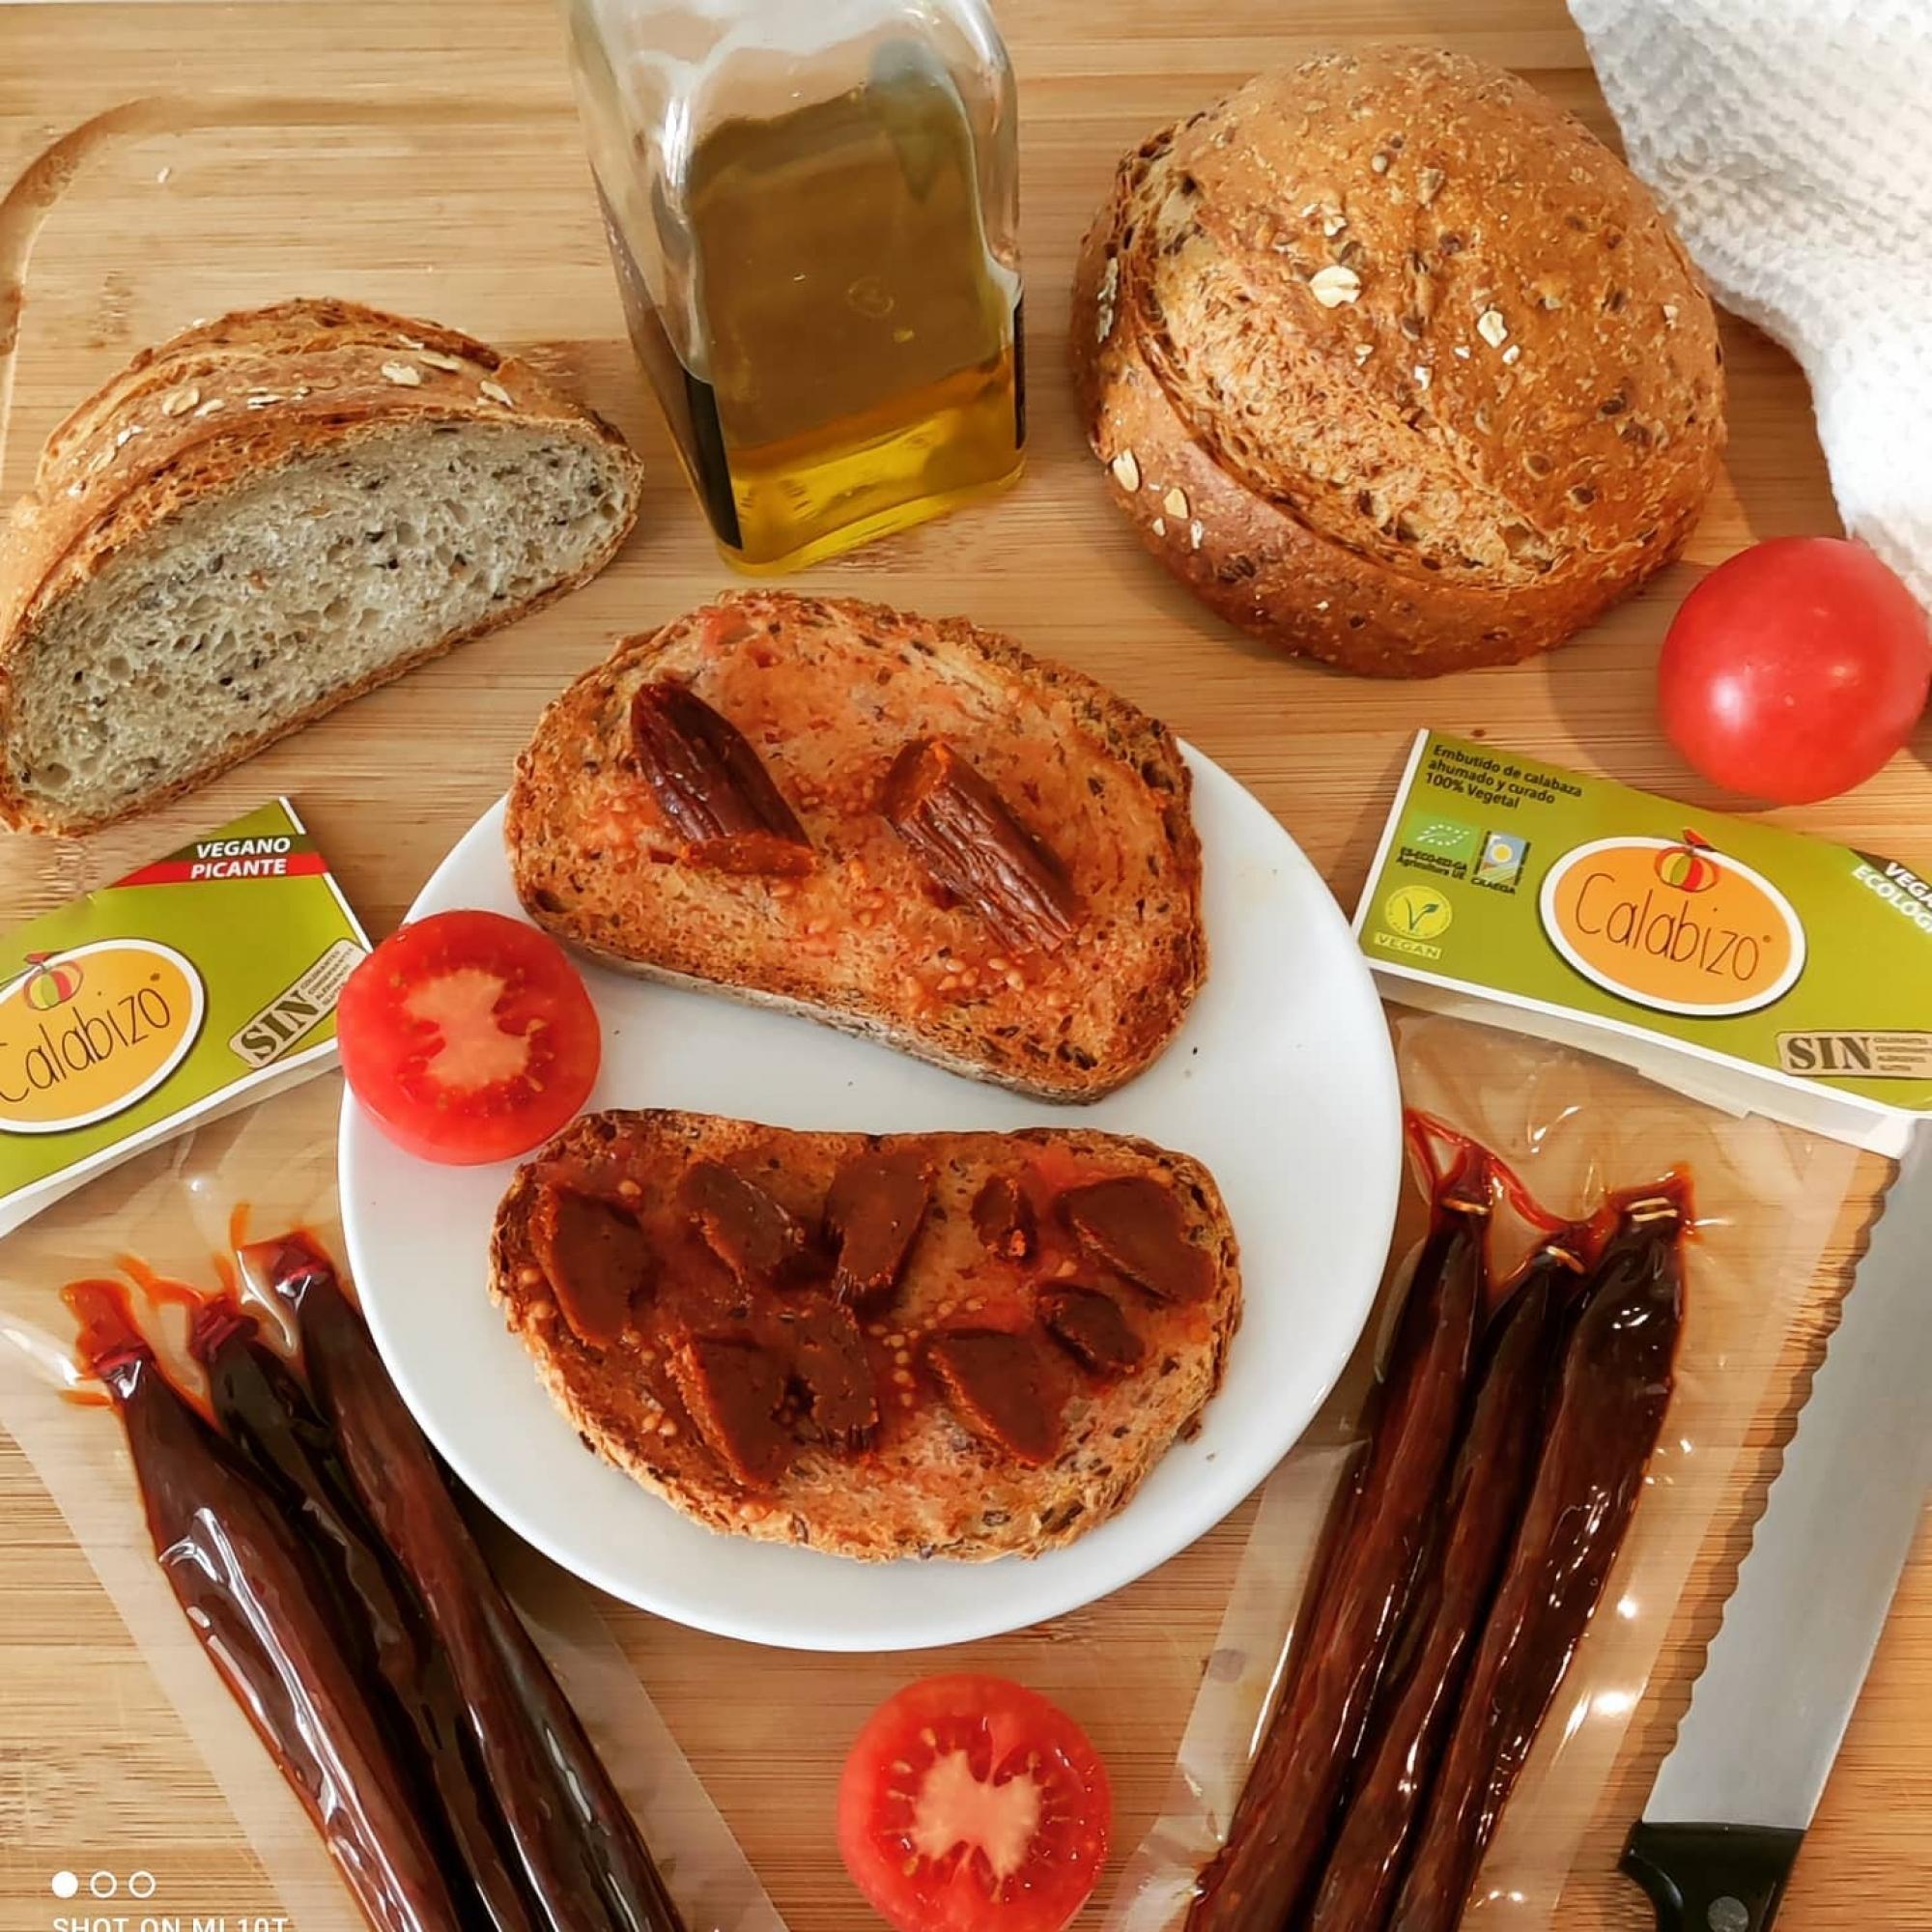 Benvingut a Sitges, Calabizo! 👋 El chorizo vegano que está bueno de verdad, porque sigue la receta tradicional del chorizo gallego de calabaza, curado y ahumado con madera de roble. Además de la calabaza, lleva 6 ingredientes naturales y reconocibles: cebolla, ajo, pimentón, orégano, sal y aceite de oliva virgen extra.   Vaya desayuno más 🔝 hemos hecho hoy en #sitgesverd. Tenéis que probarlo!  💚 100% vegetal ♥️ 0% colesterol  ☺️ 0% remordimientos 😋 100% disfrute  #sitges #sitgesfood #sitgeslife #sitgesvida #singluten #vegan #comerciolocal